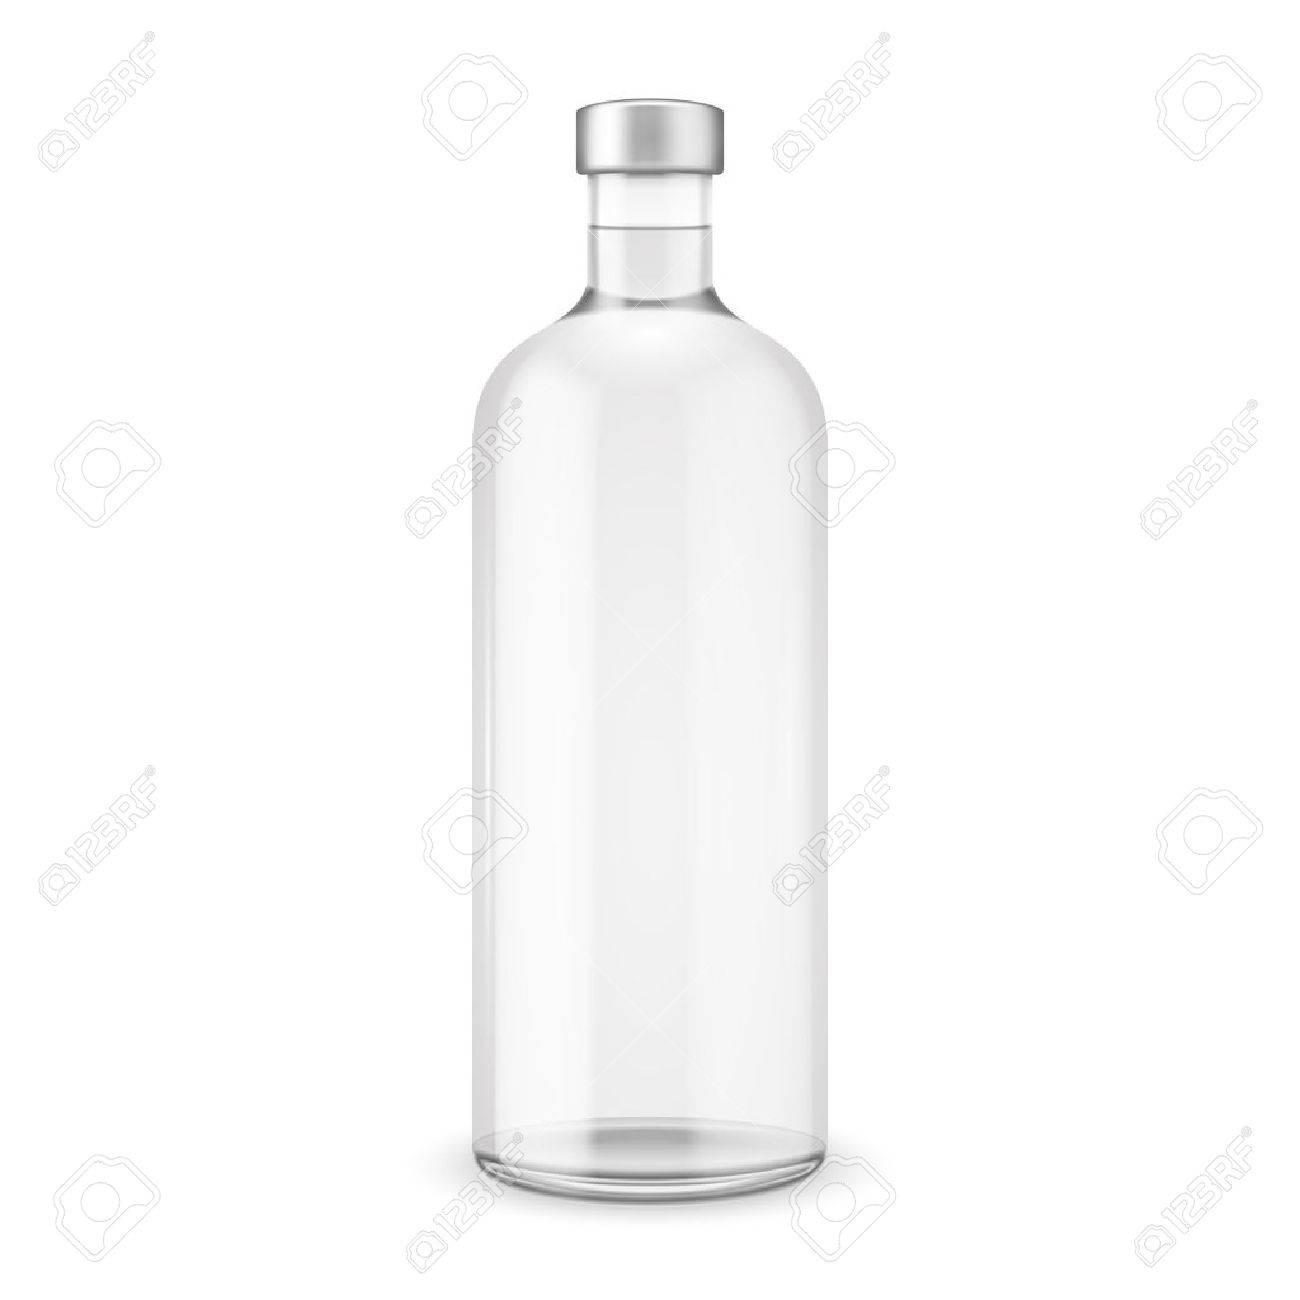 シルバー キャップと瓶ウォッカベクトル イラストガラス瓶の